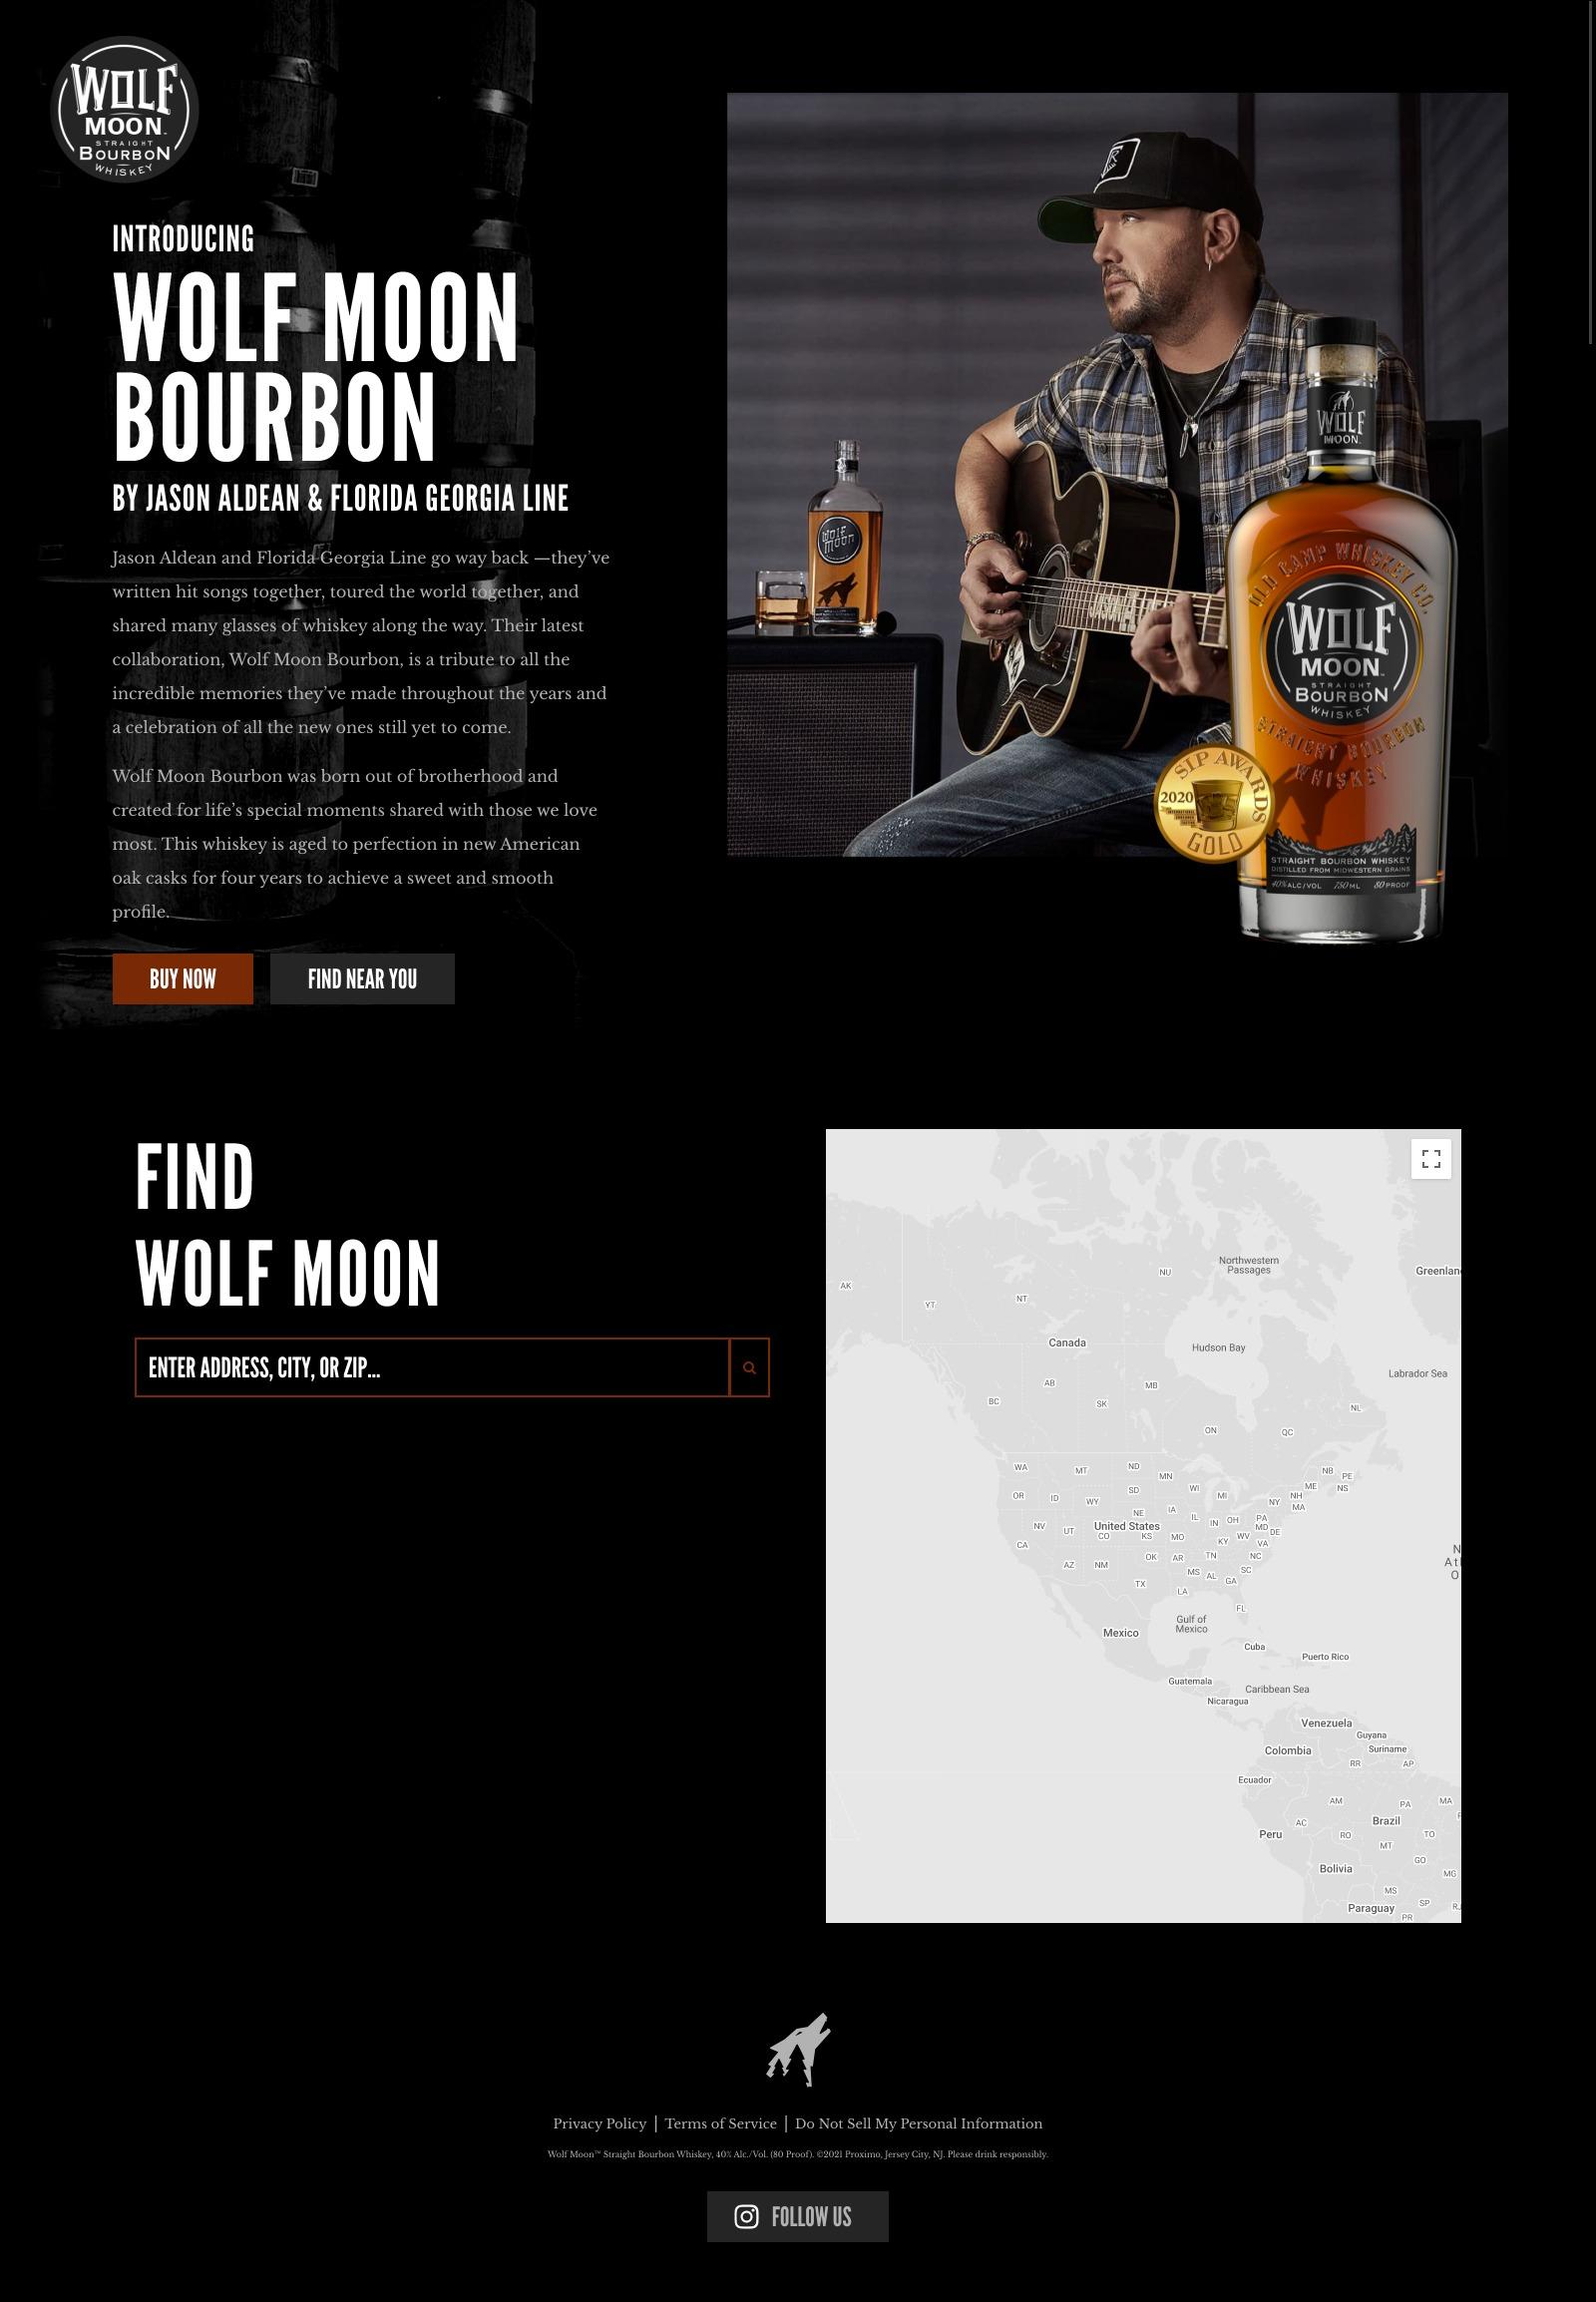 wolfmoon-bourbon